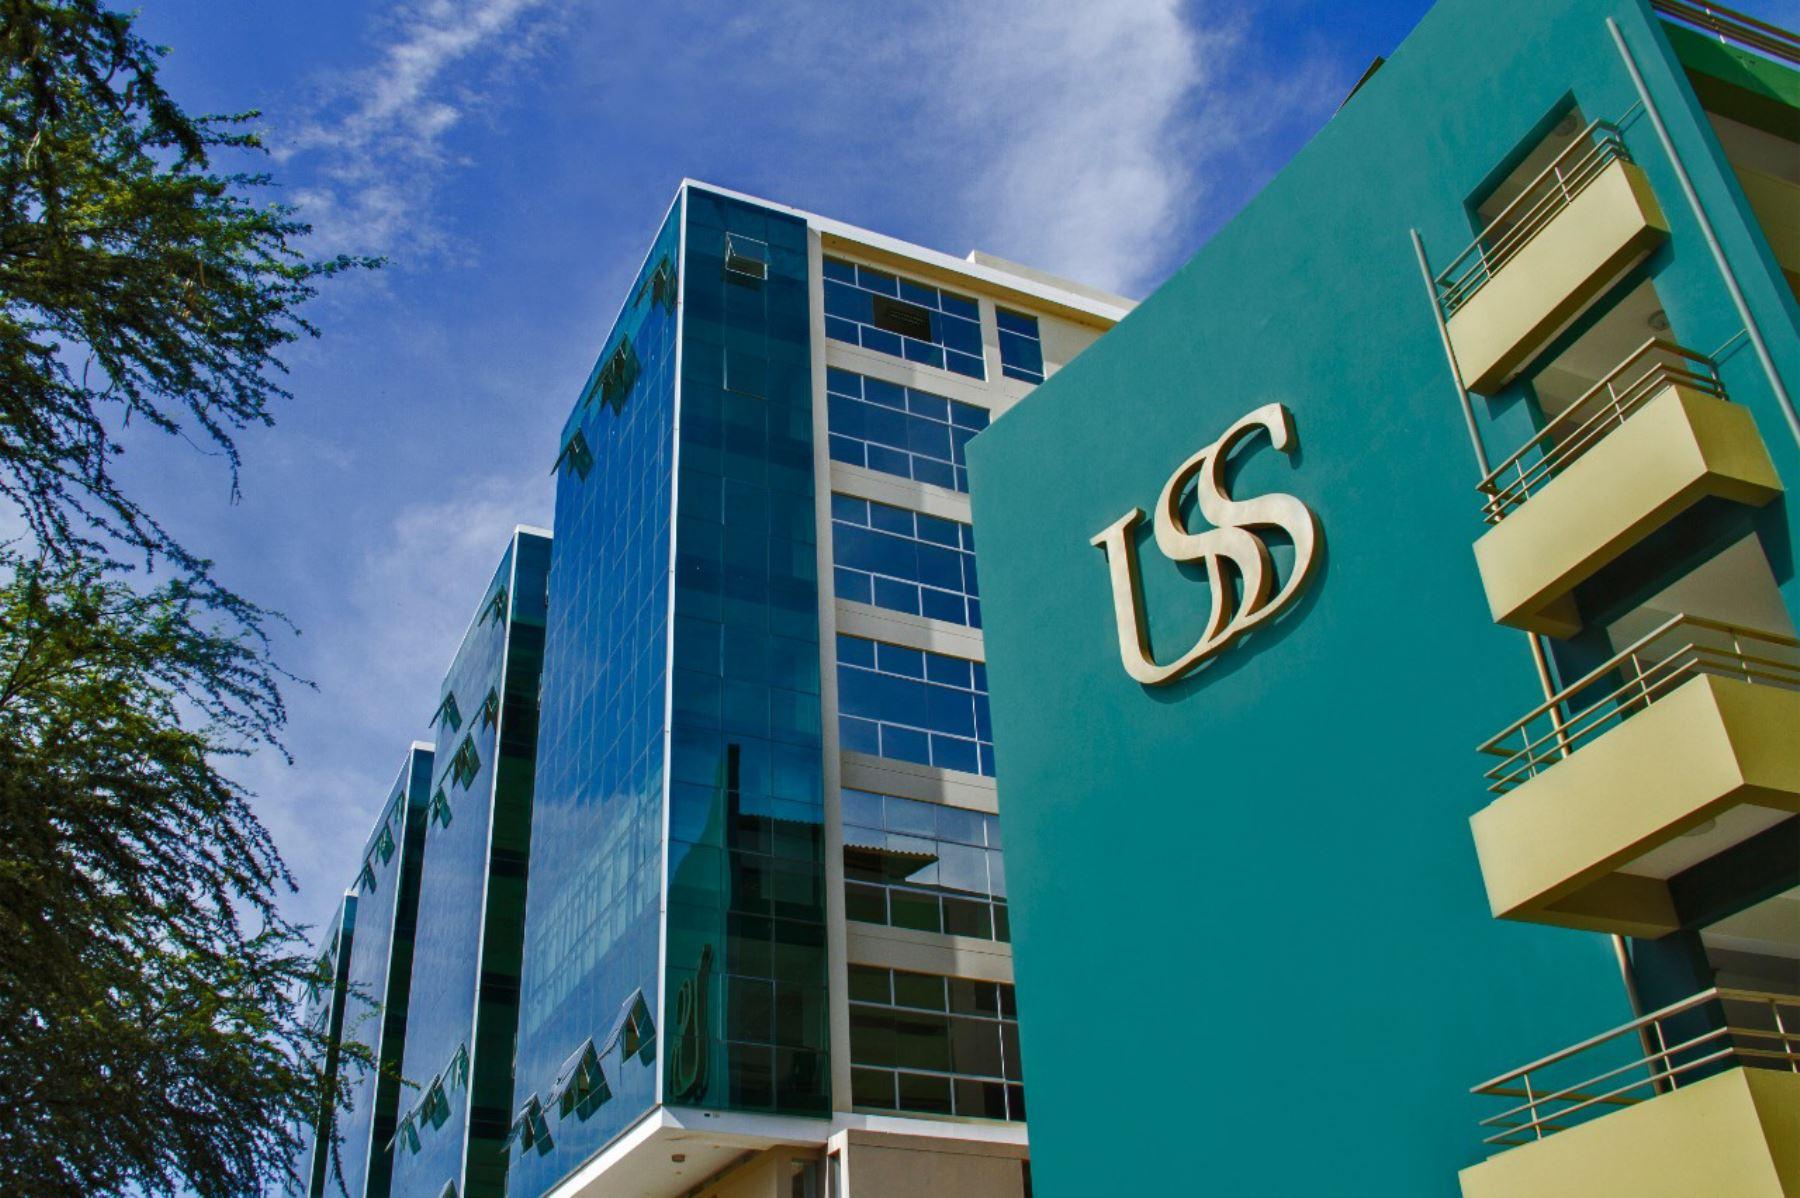 La Sunedu otorgó licencia institucional por seis años a la Universidad Señor de Sipán, cuya sede se encuentra en la ciudad de Chiclayo (Lambayeque).